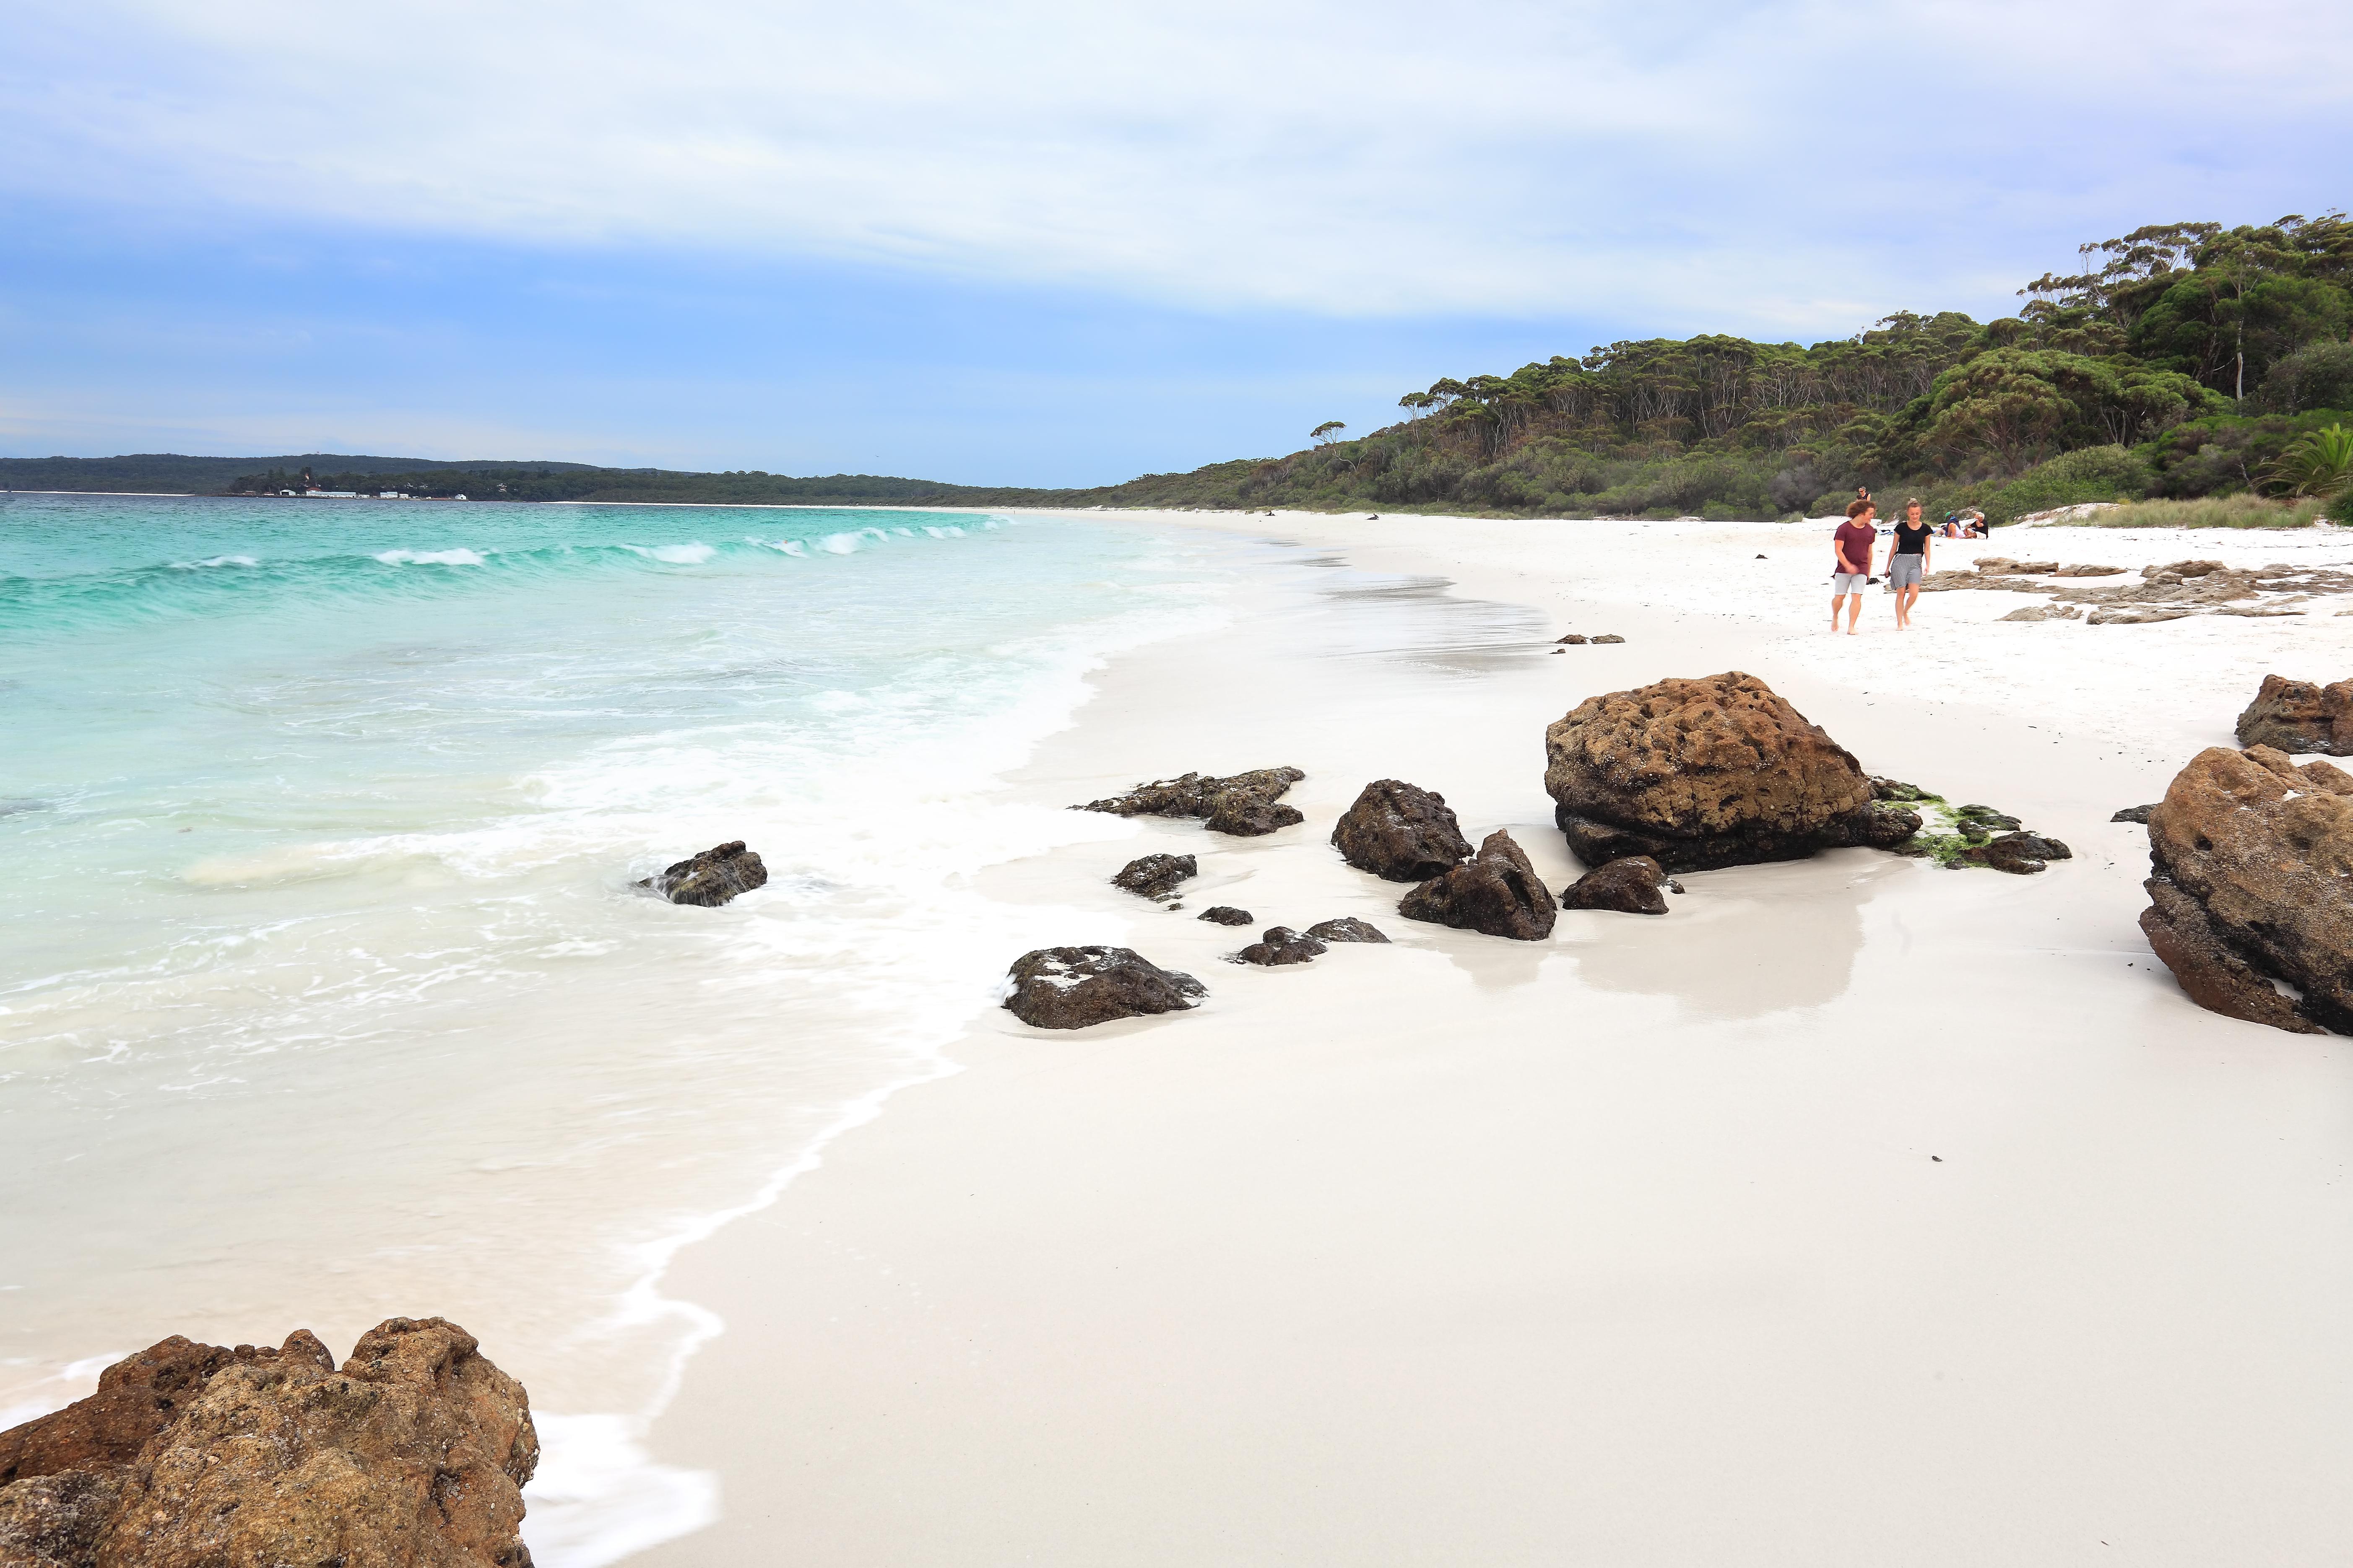 Ubicado en la costa sur de Nueva Gales del Sur, este tramo de arena digno de una postal a lo largo de la Bahía Jervis invita a los viajeros a disfrutar de aventuras submarinas en aguas cristalinas o hundir los dedos de los pies en las arenas más blancas del mundo según el Libro Guinness de los Récords